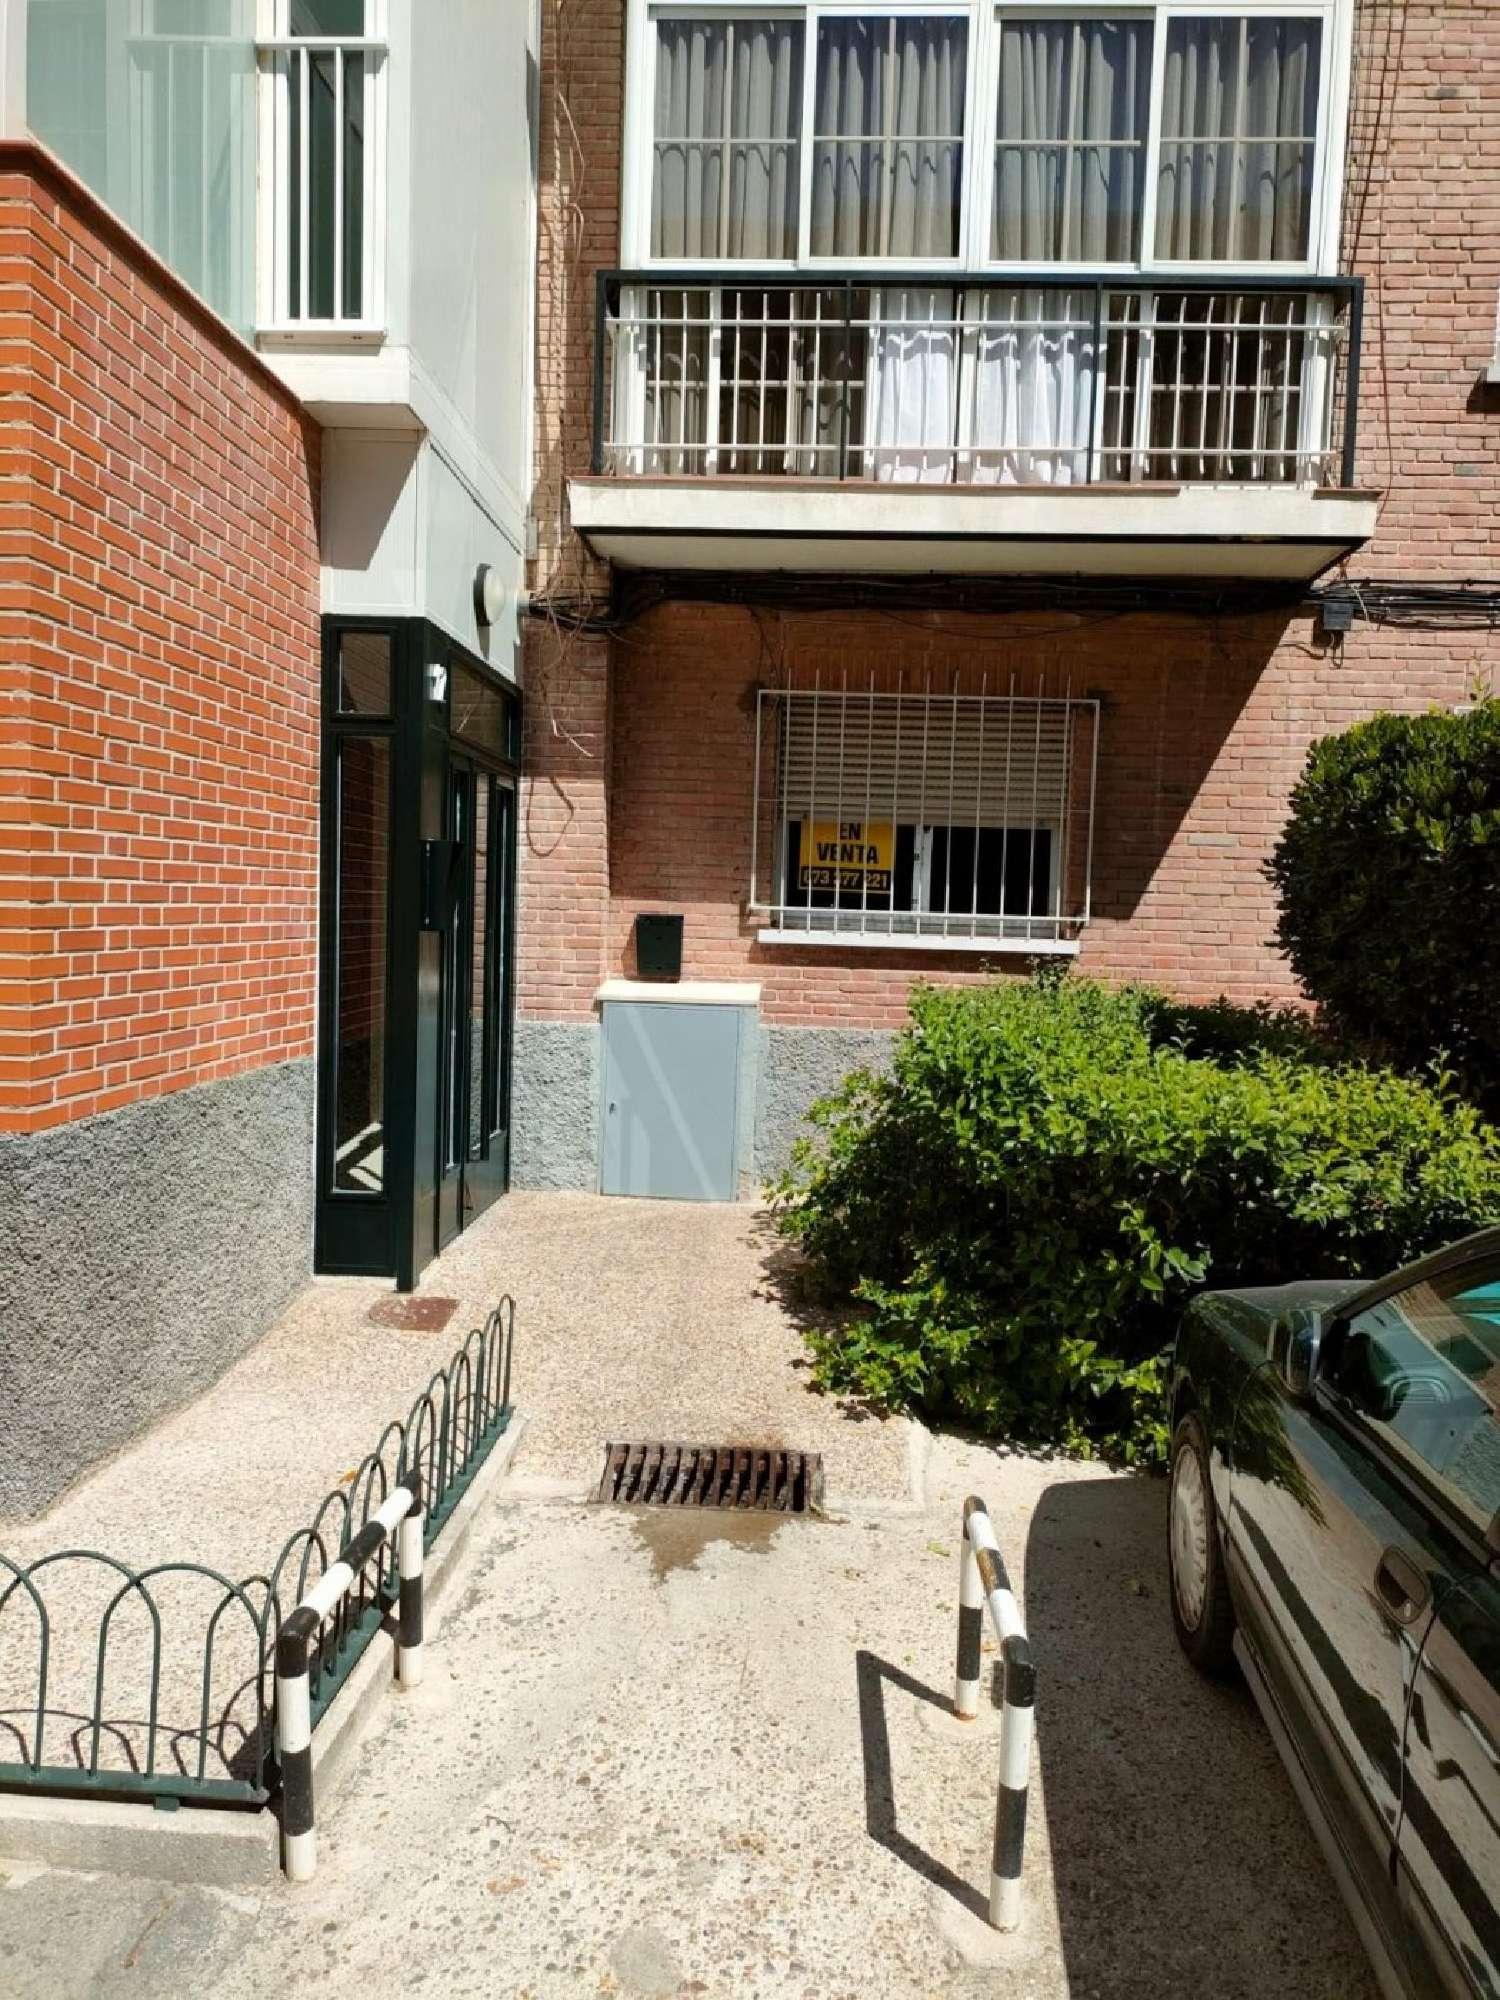 carabanchel-opañel madrid piso foto 4645614